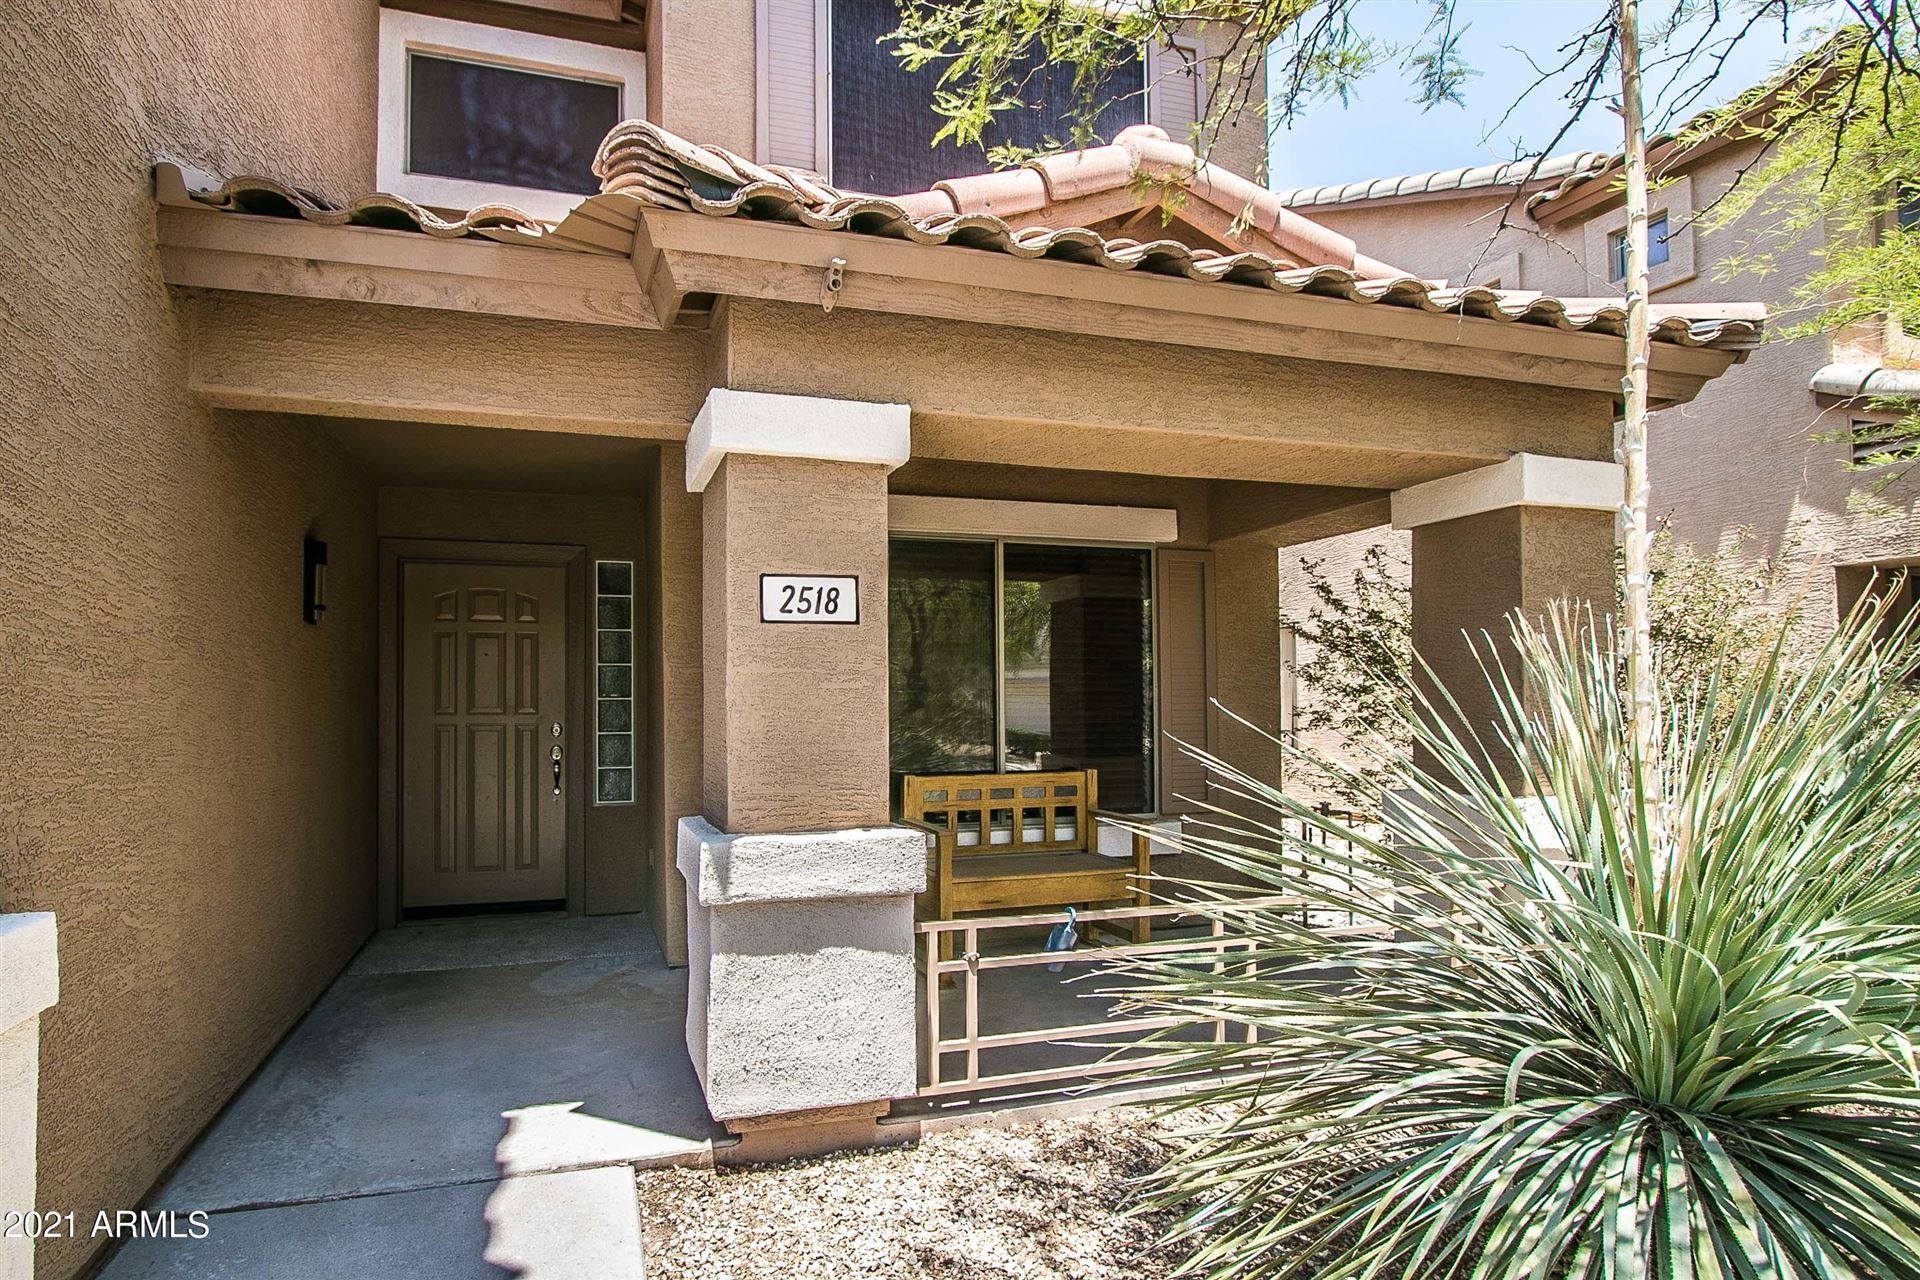 2518 W BIG OAK Street, Phoenix, AZ 85085 - MLS#: 6249485